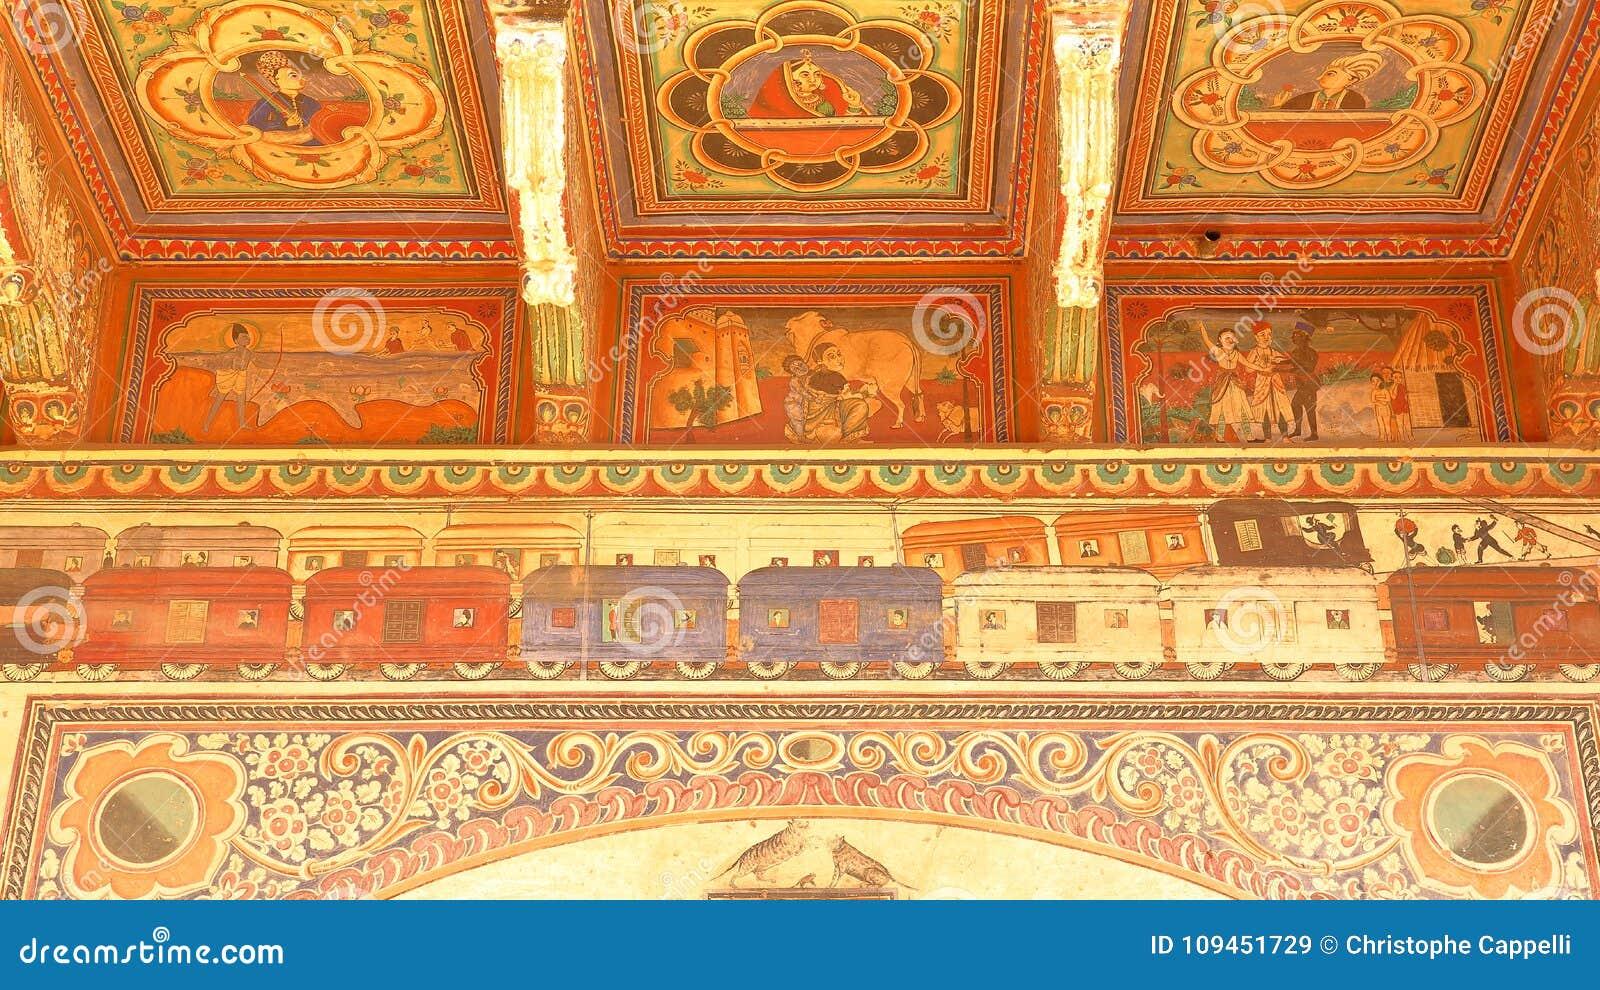 DUNDLOD, РАДЖАСТХАН, ИНДИЯ - 27-ОЕ ДЕКАБРЯ 2017: детали внешних фасадов Haveli с красочными картинами